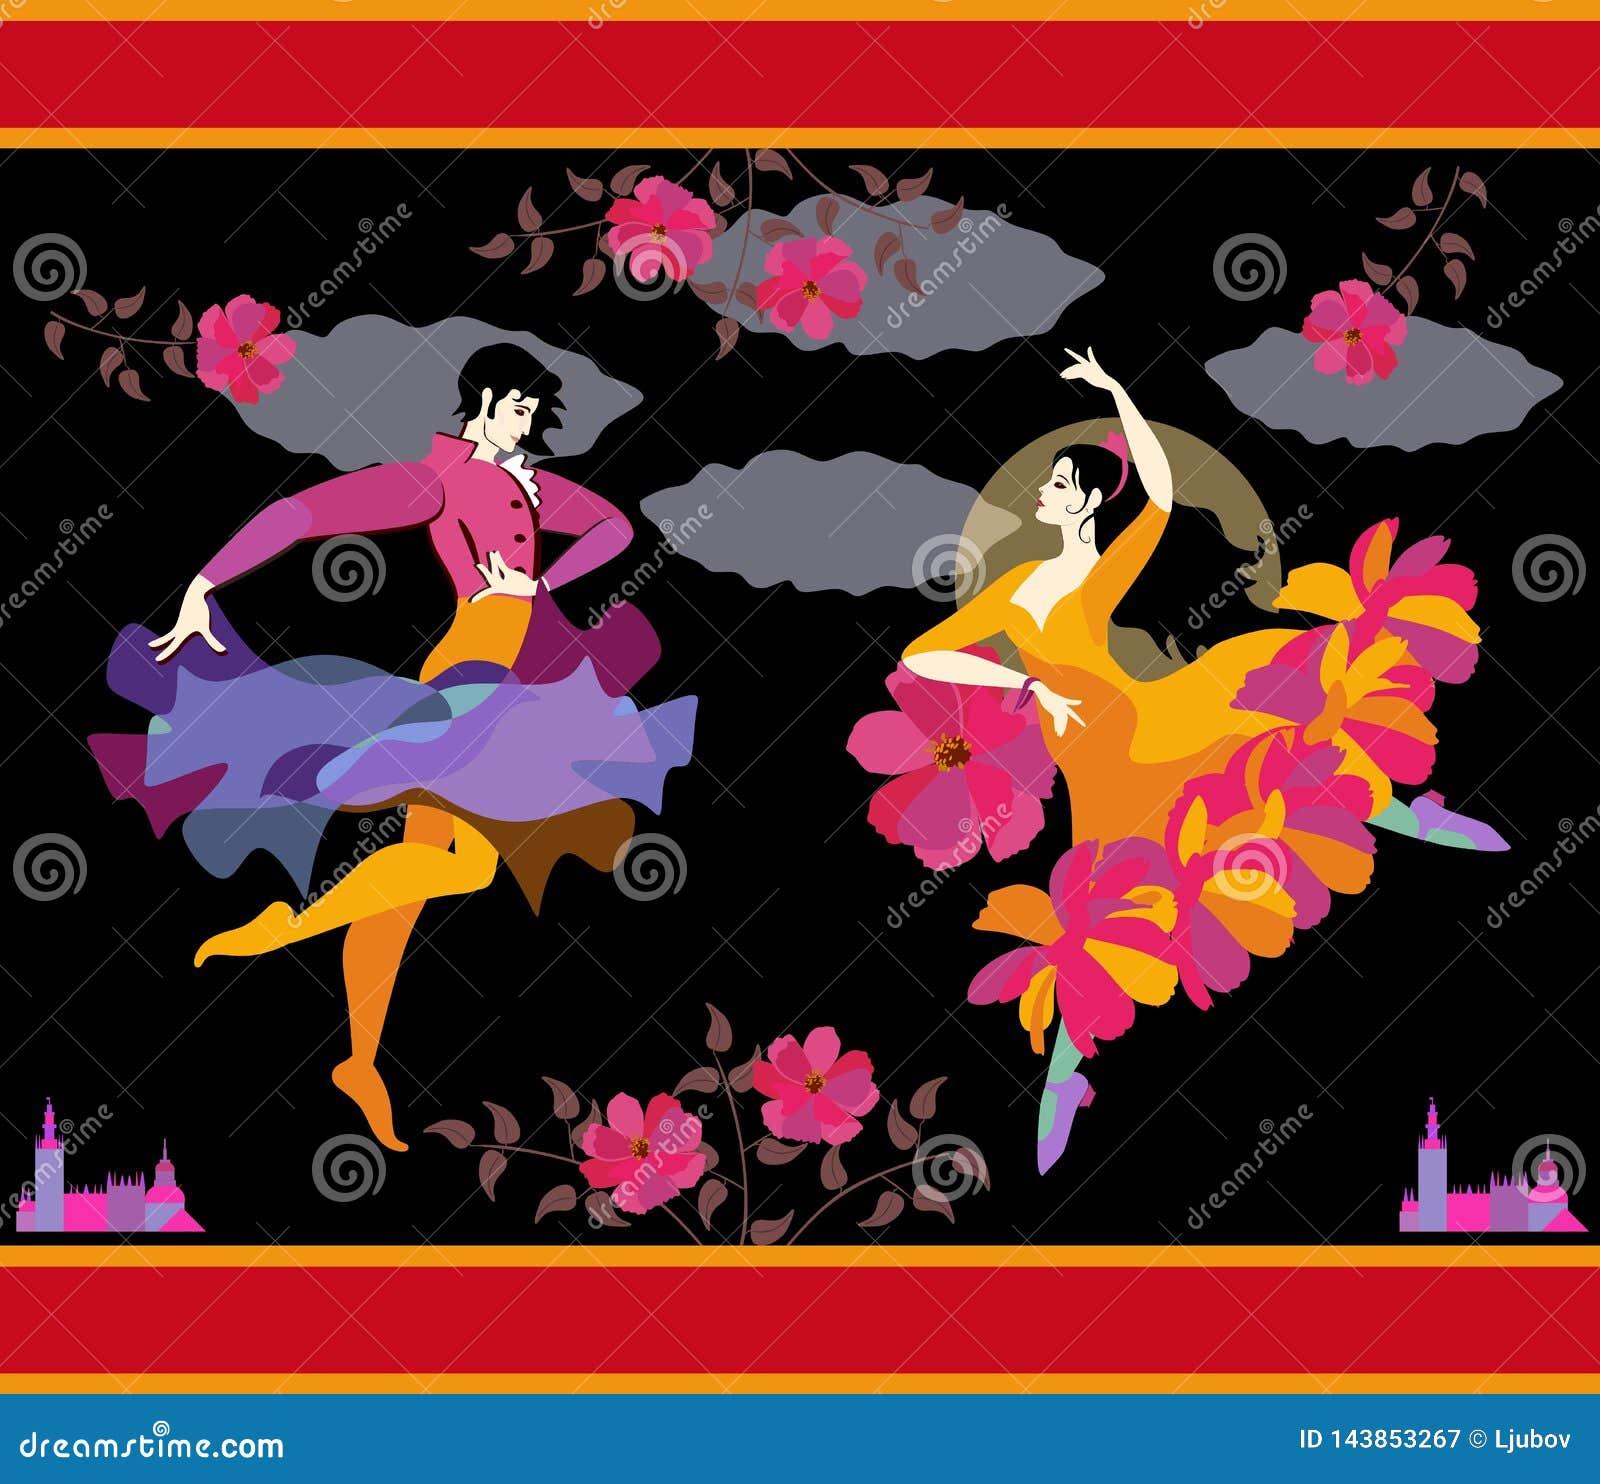 Spanska dansare i nationell kläder med fanen och regnrocken i deras händer i formen av blomman och flygfågeln som dansar flamenco